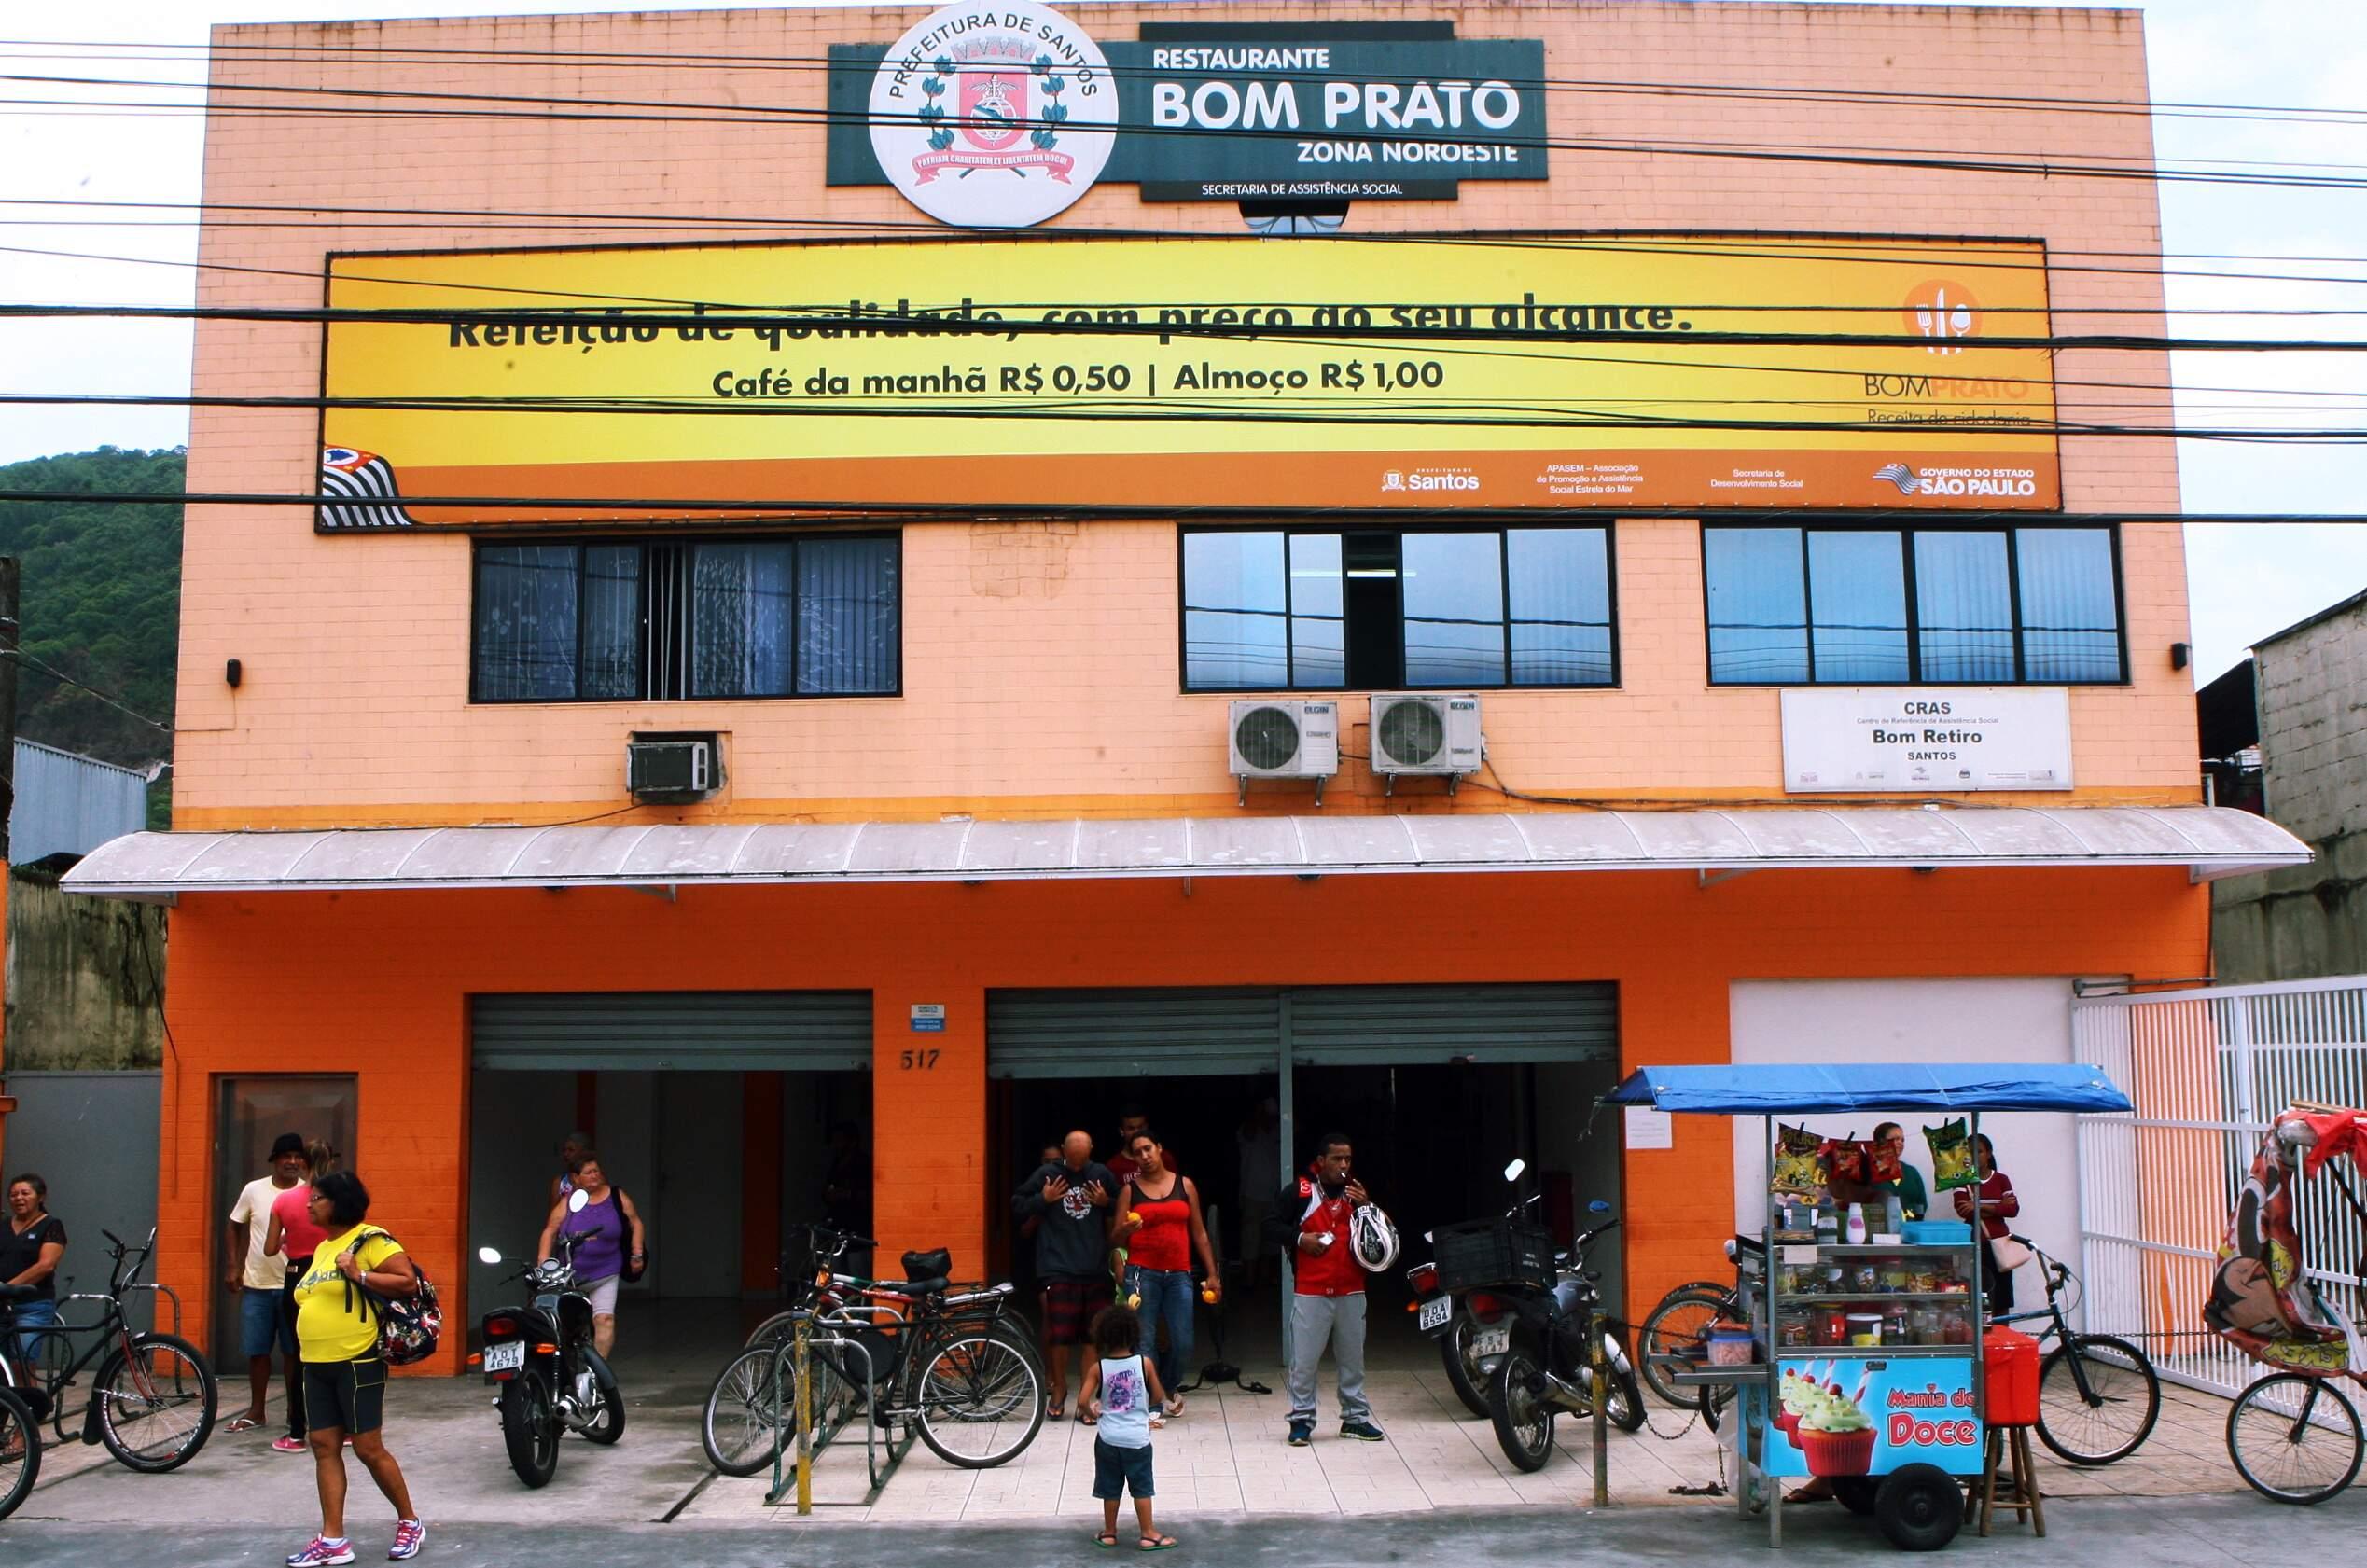 Furto de fios na área externa deixou unidade do Bom Prato, em Santos, sem luz